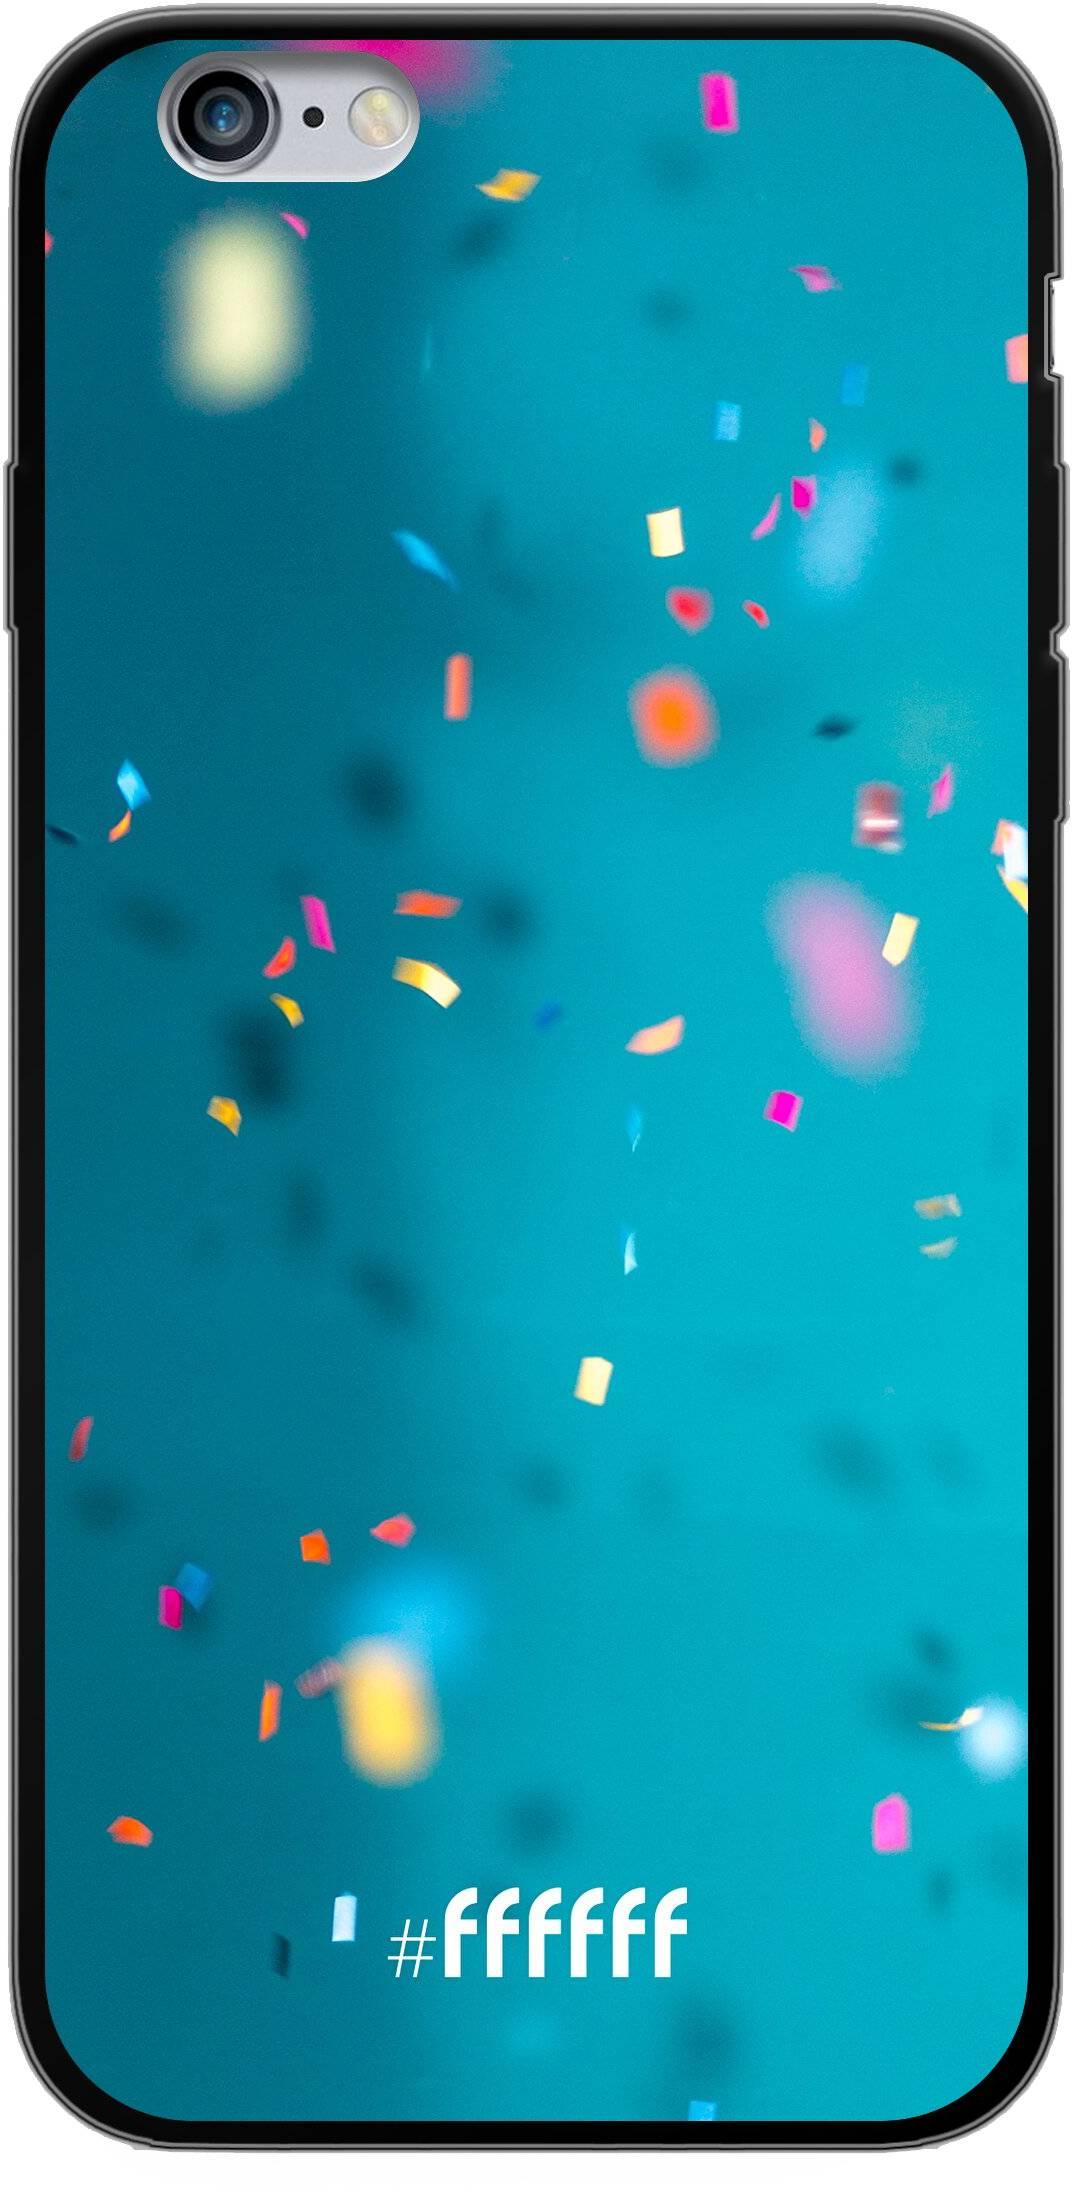 Confetti iPhone 6s